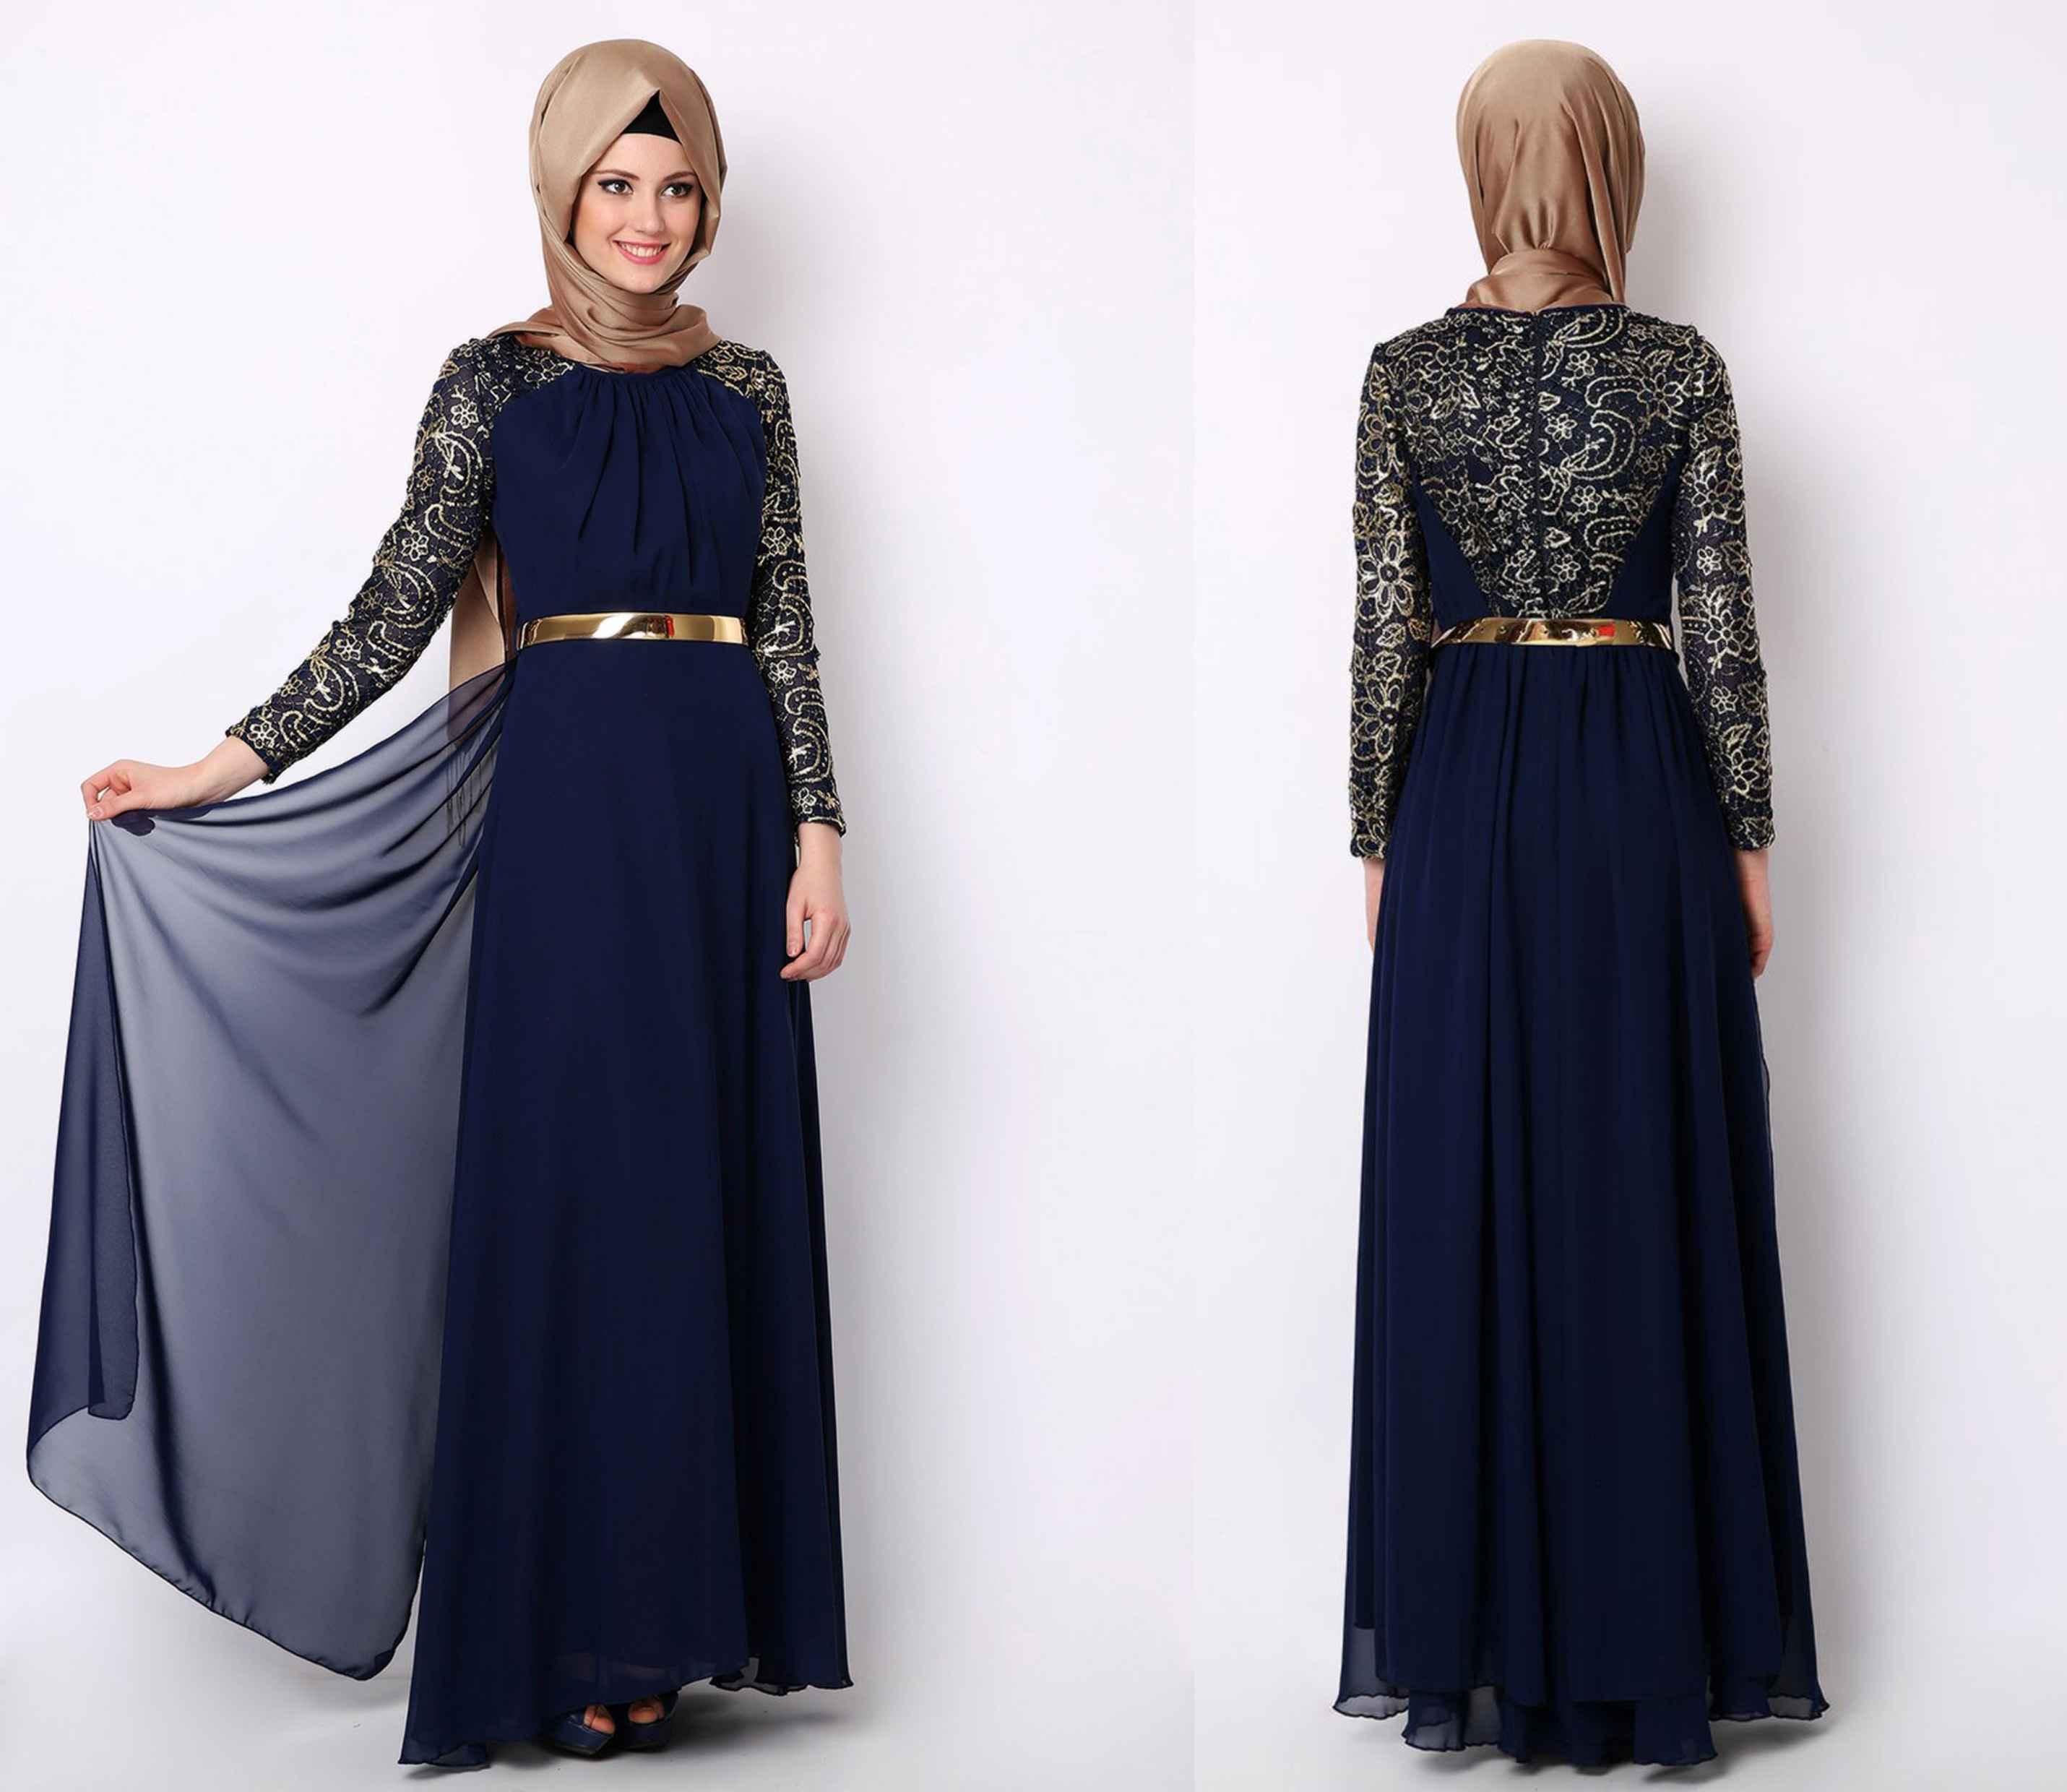 145d35f5eacb2 Tesettür Tül Elbise Modelleri - Moda Tesettür Giyim